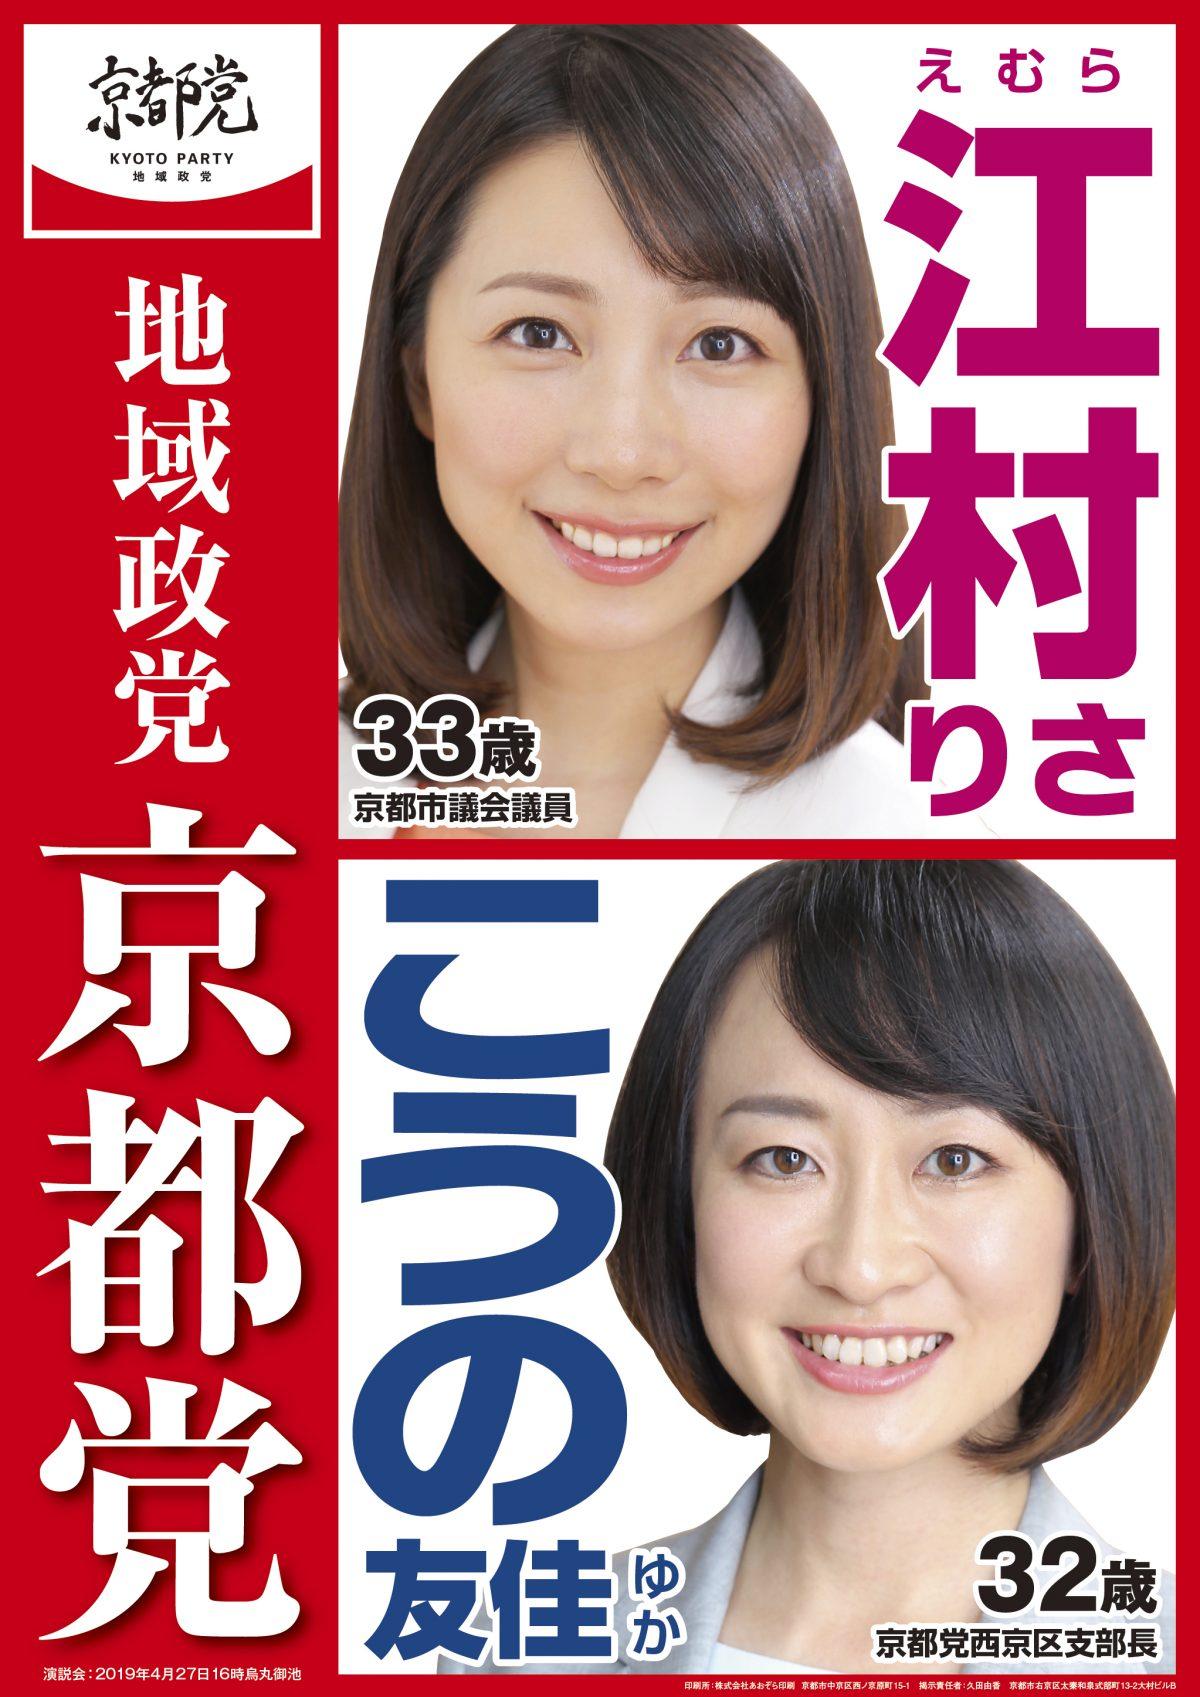 江村りさポスター